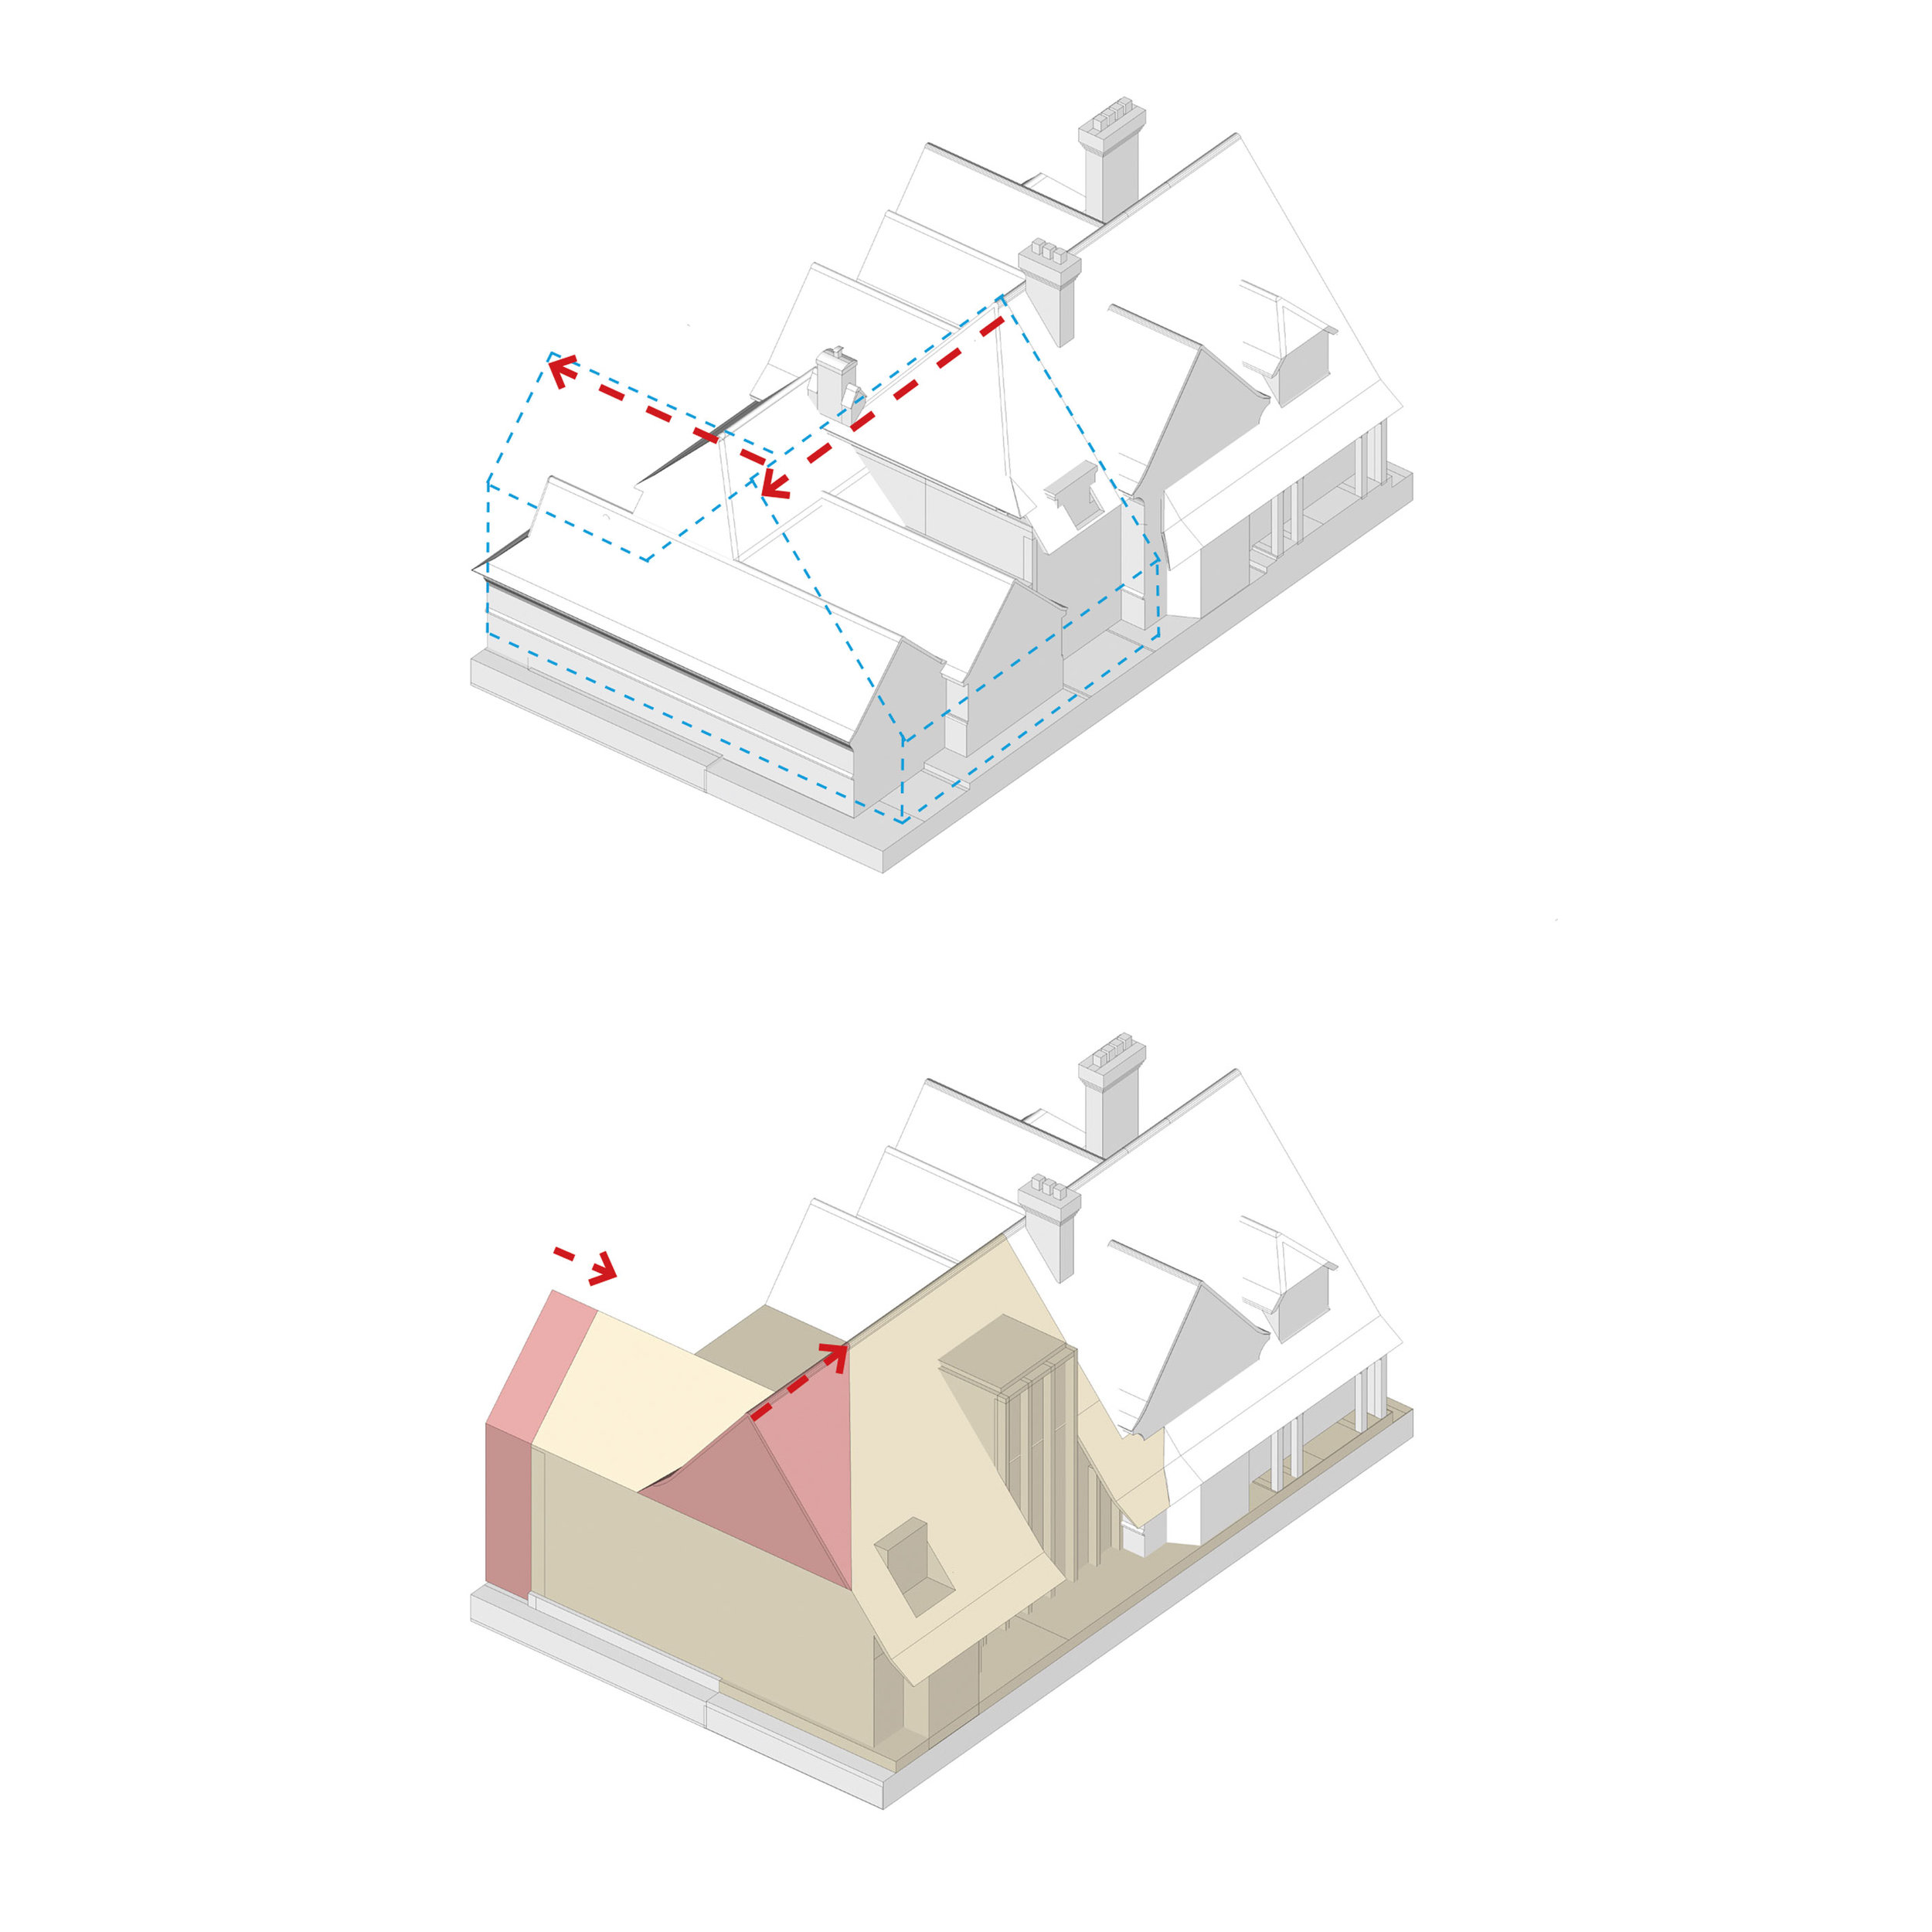 Concept-Axo-square-V4.jpg